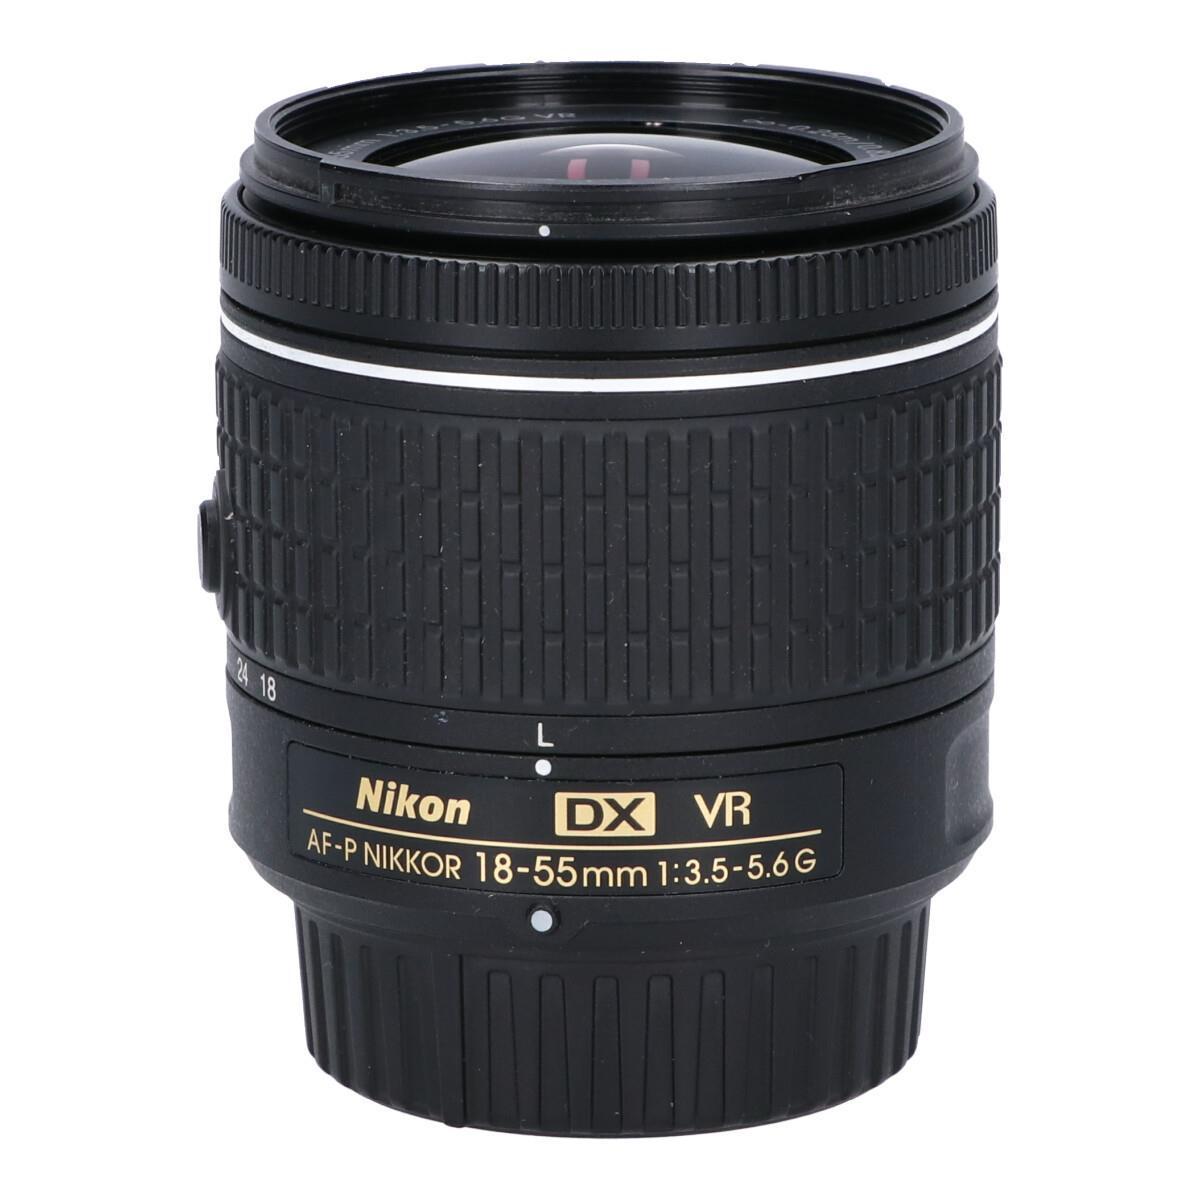 NIKON AF-P DX18-55mm F3.5-5.6G VR